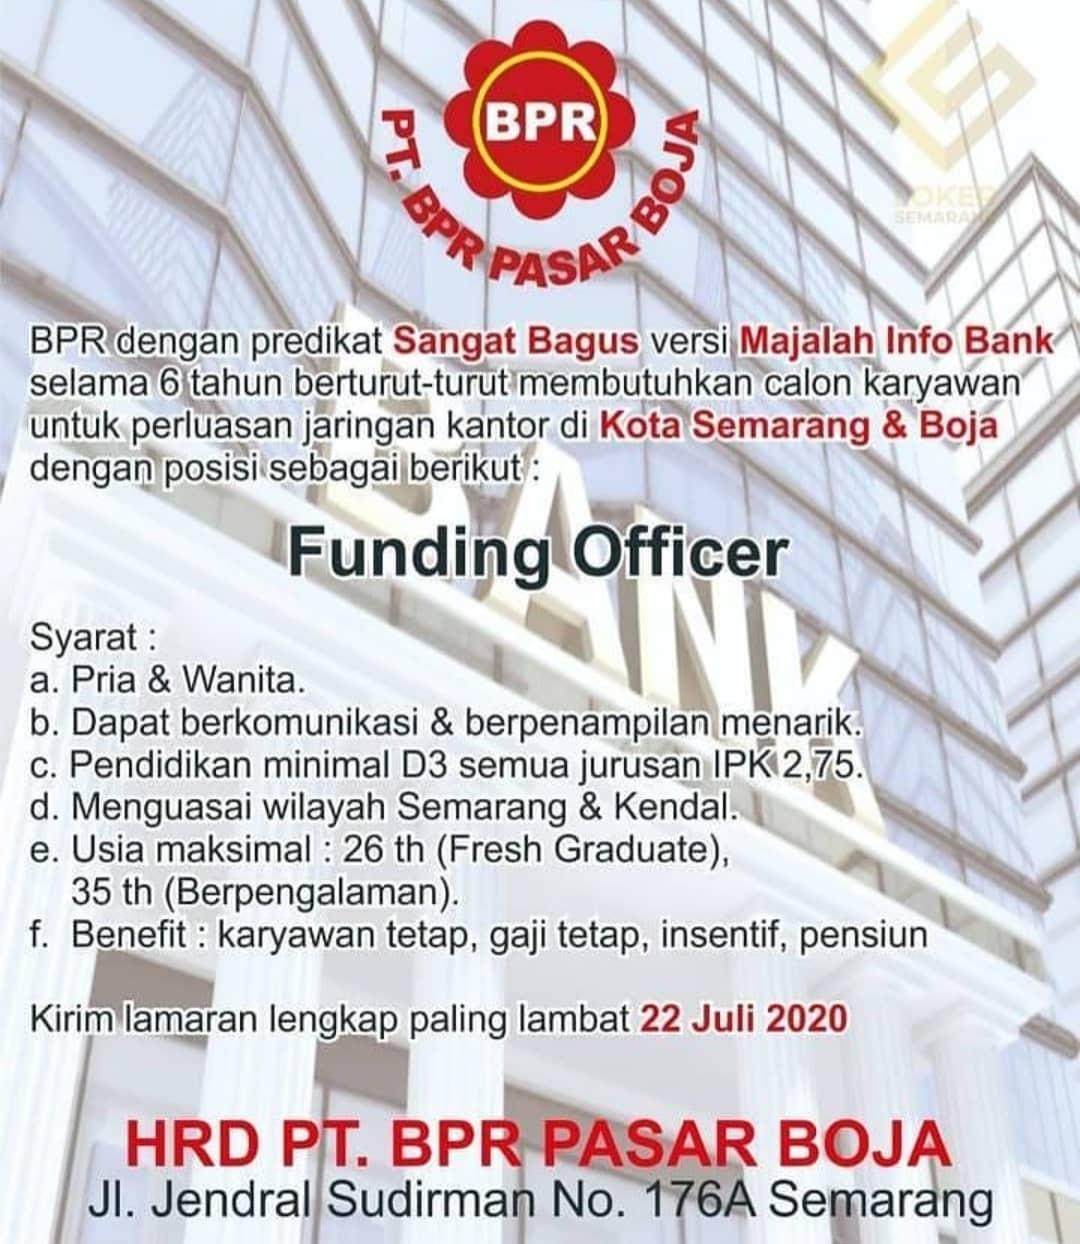 Lowongan Kerja di BPR Pasar Boja Semarang Untuk Posisi Funding Officer